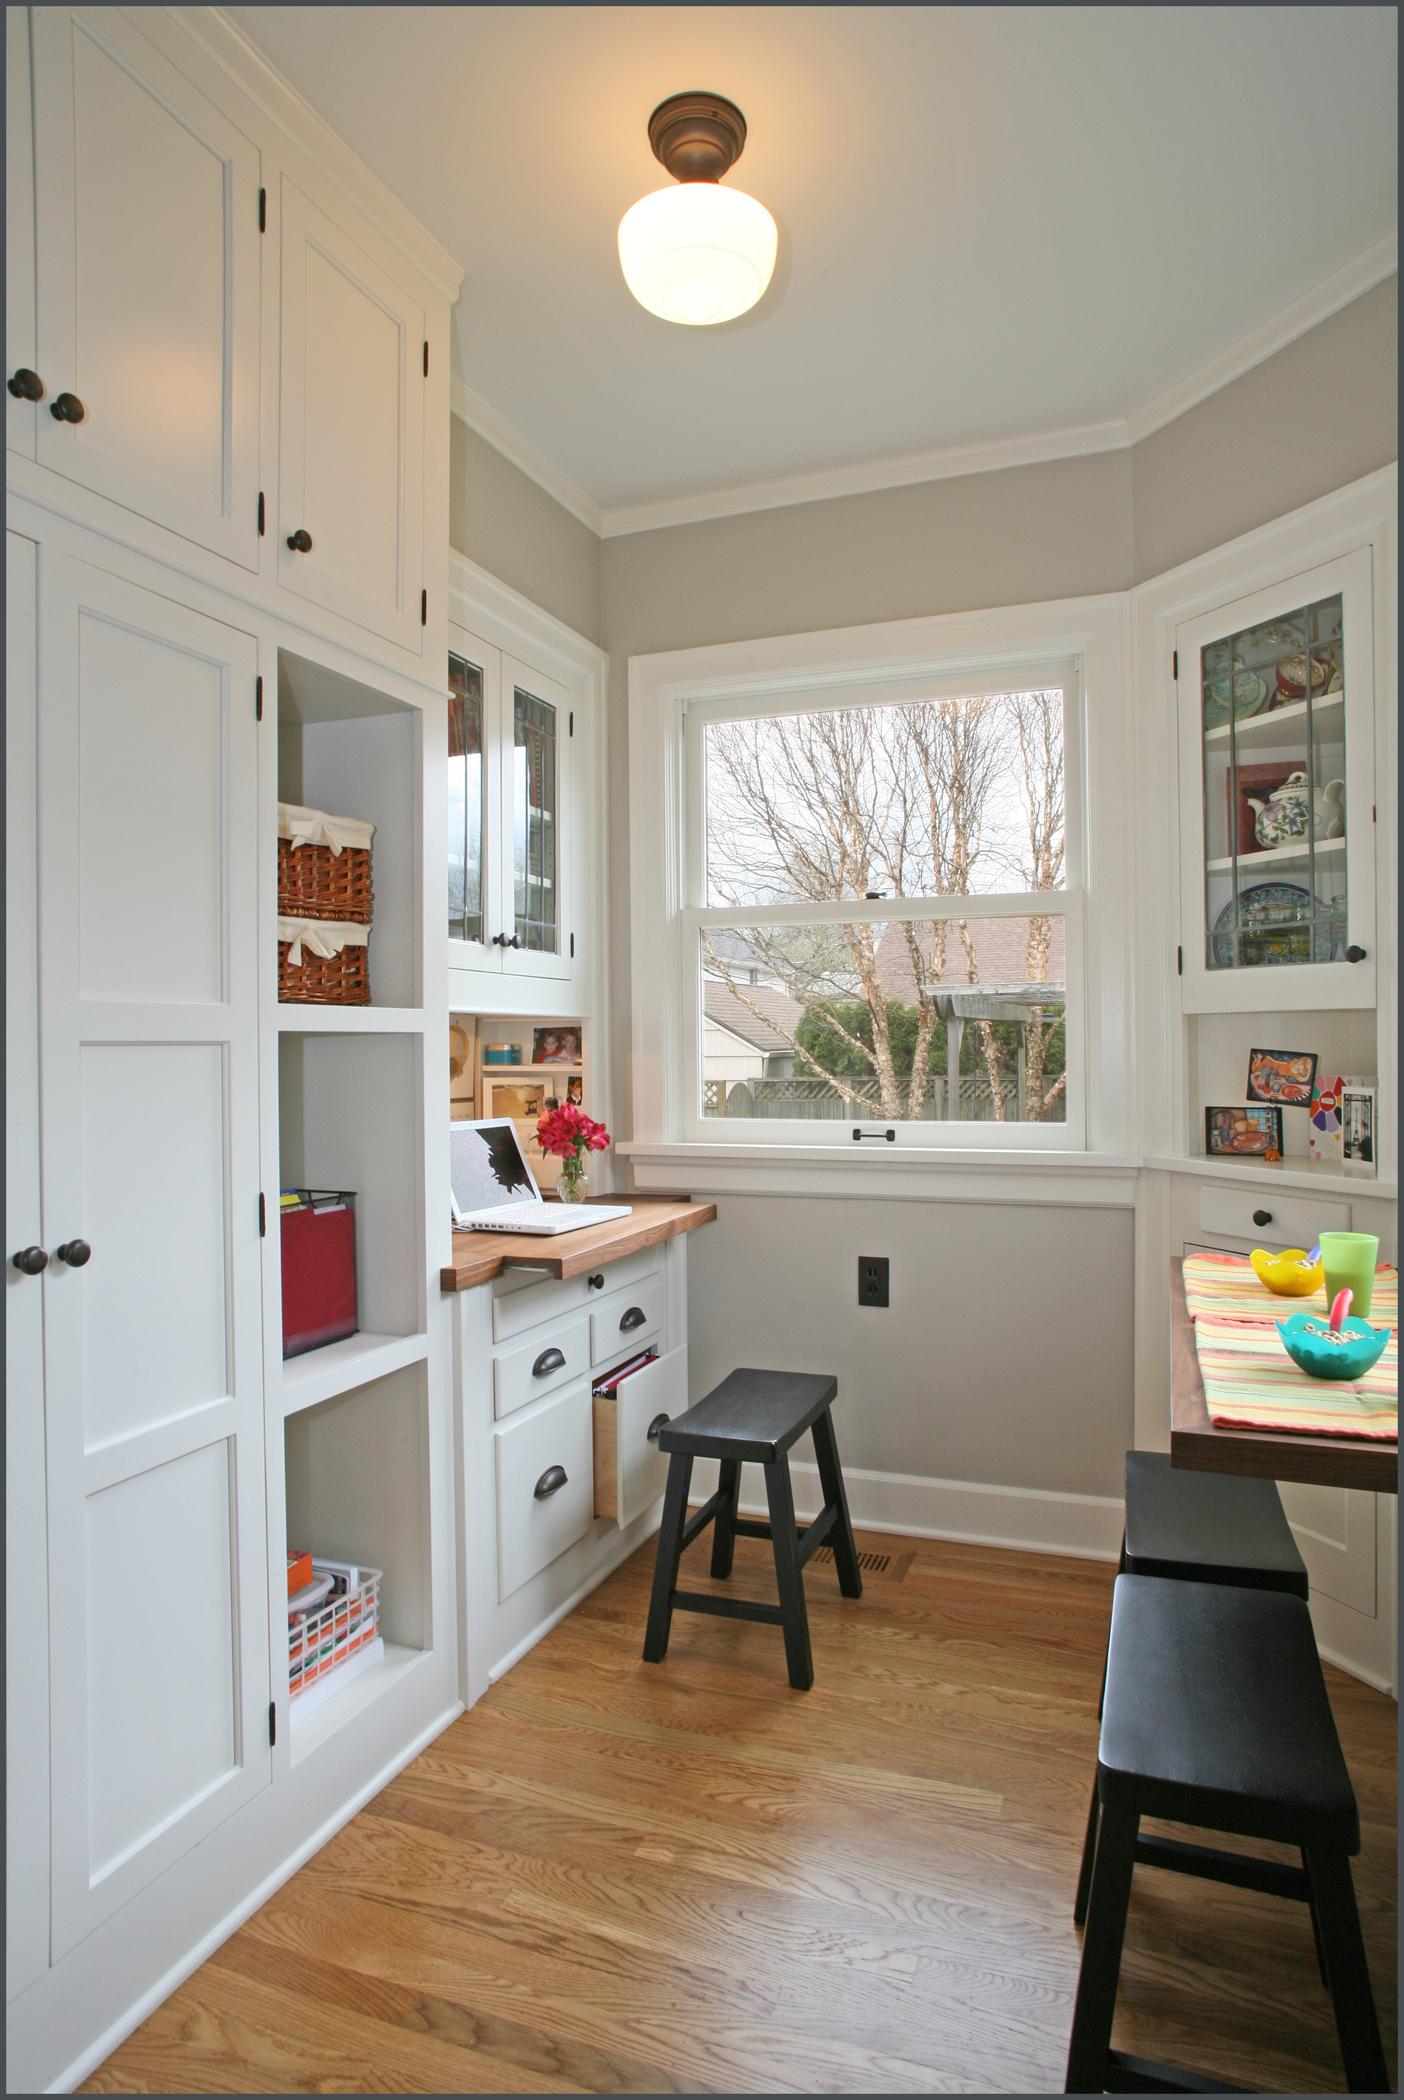 Kitchen cabinets toe kick drawers - Weinman_best_kitchen_5